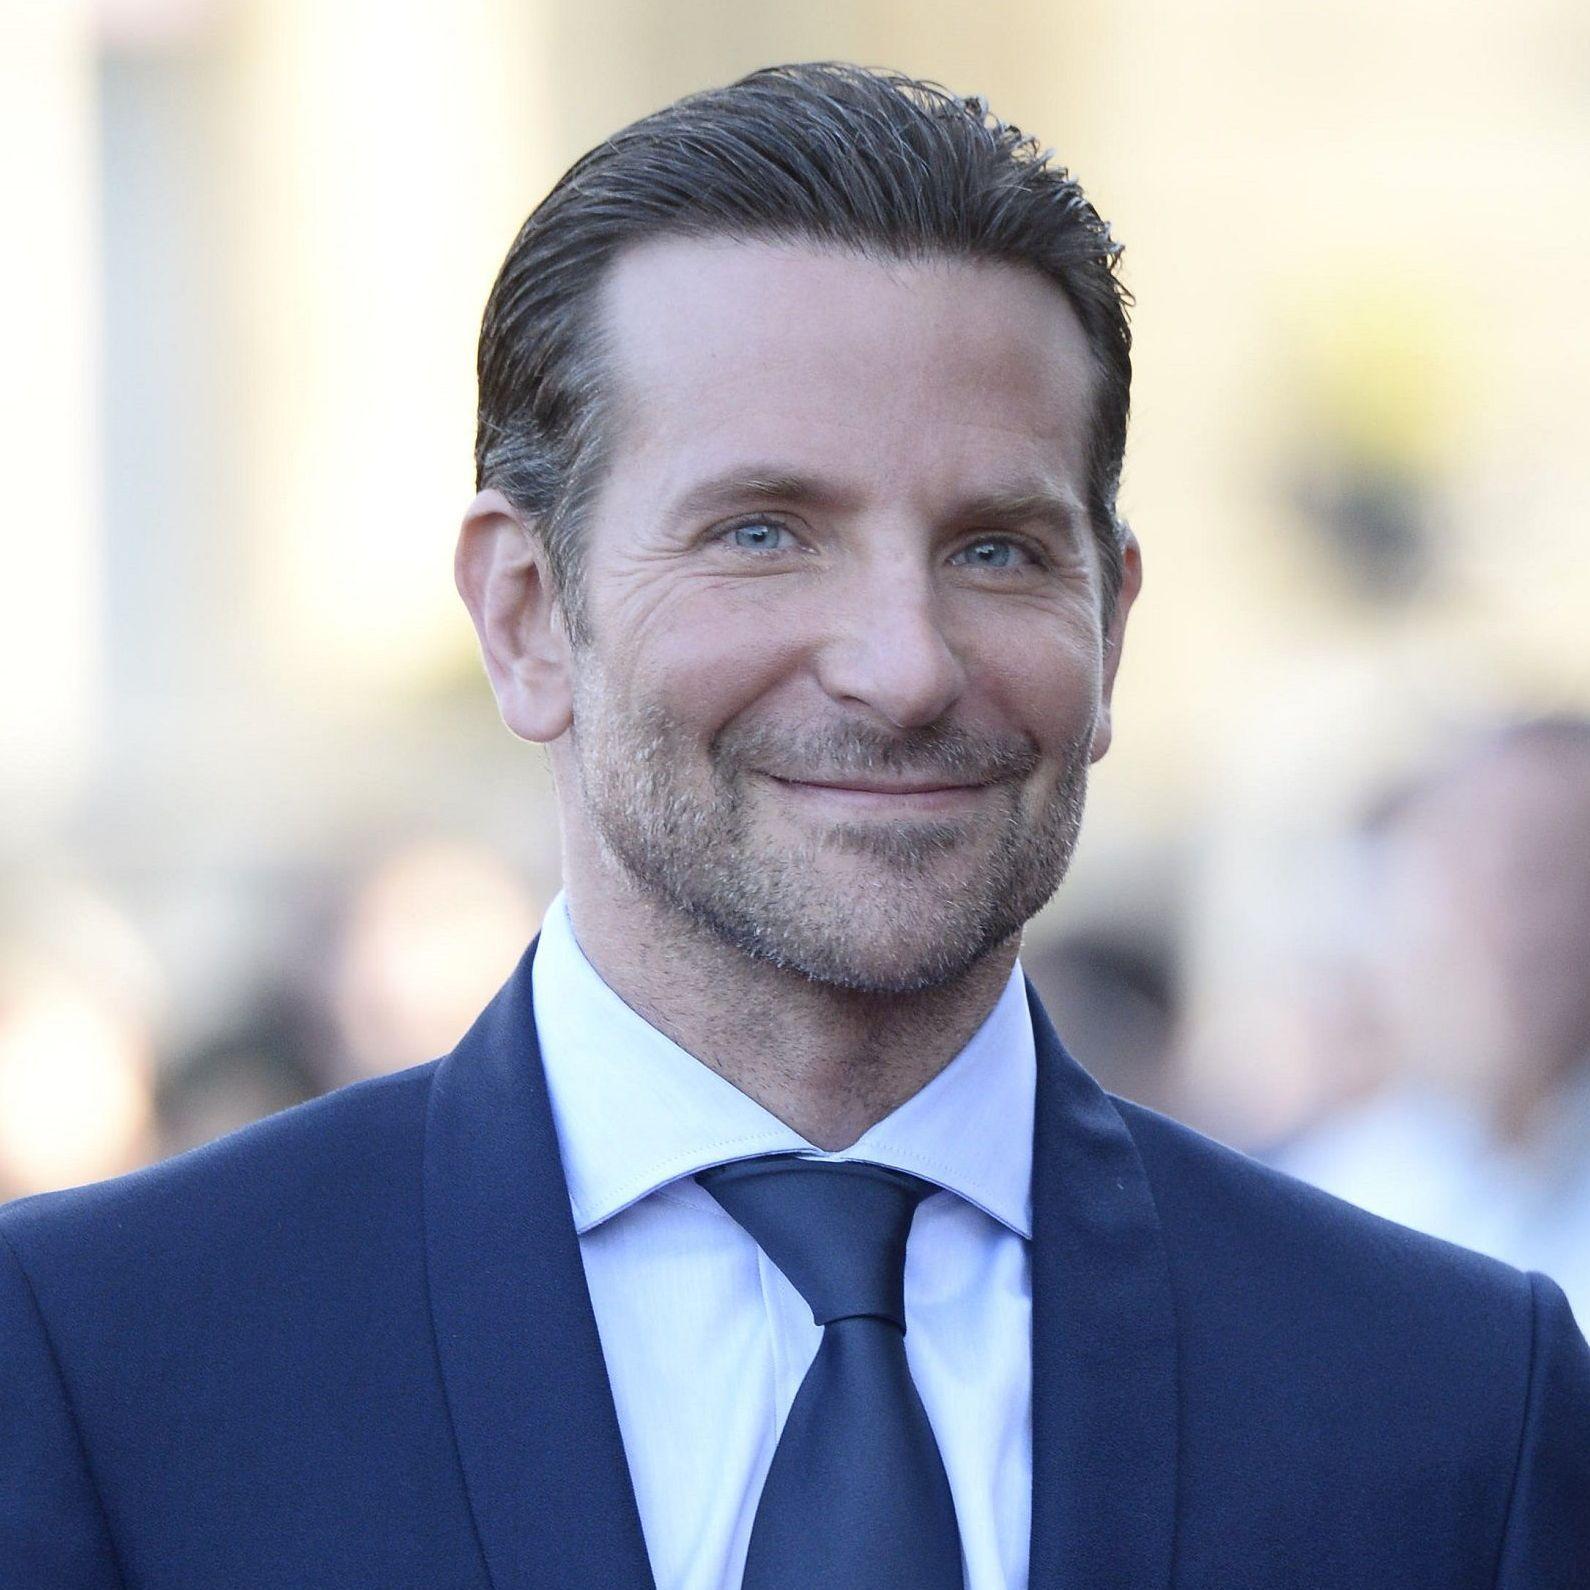 Bradley Cooper n'a pas peur du ridicule lorsqu'il met de ...